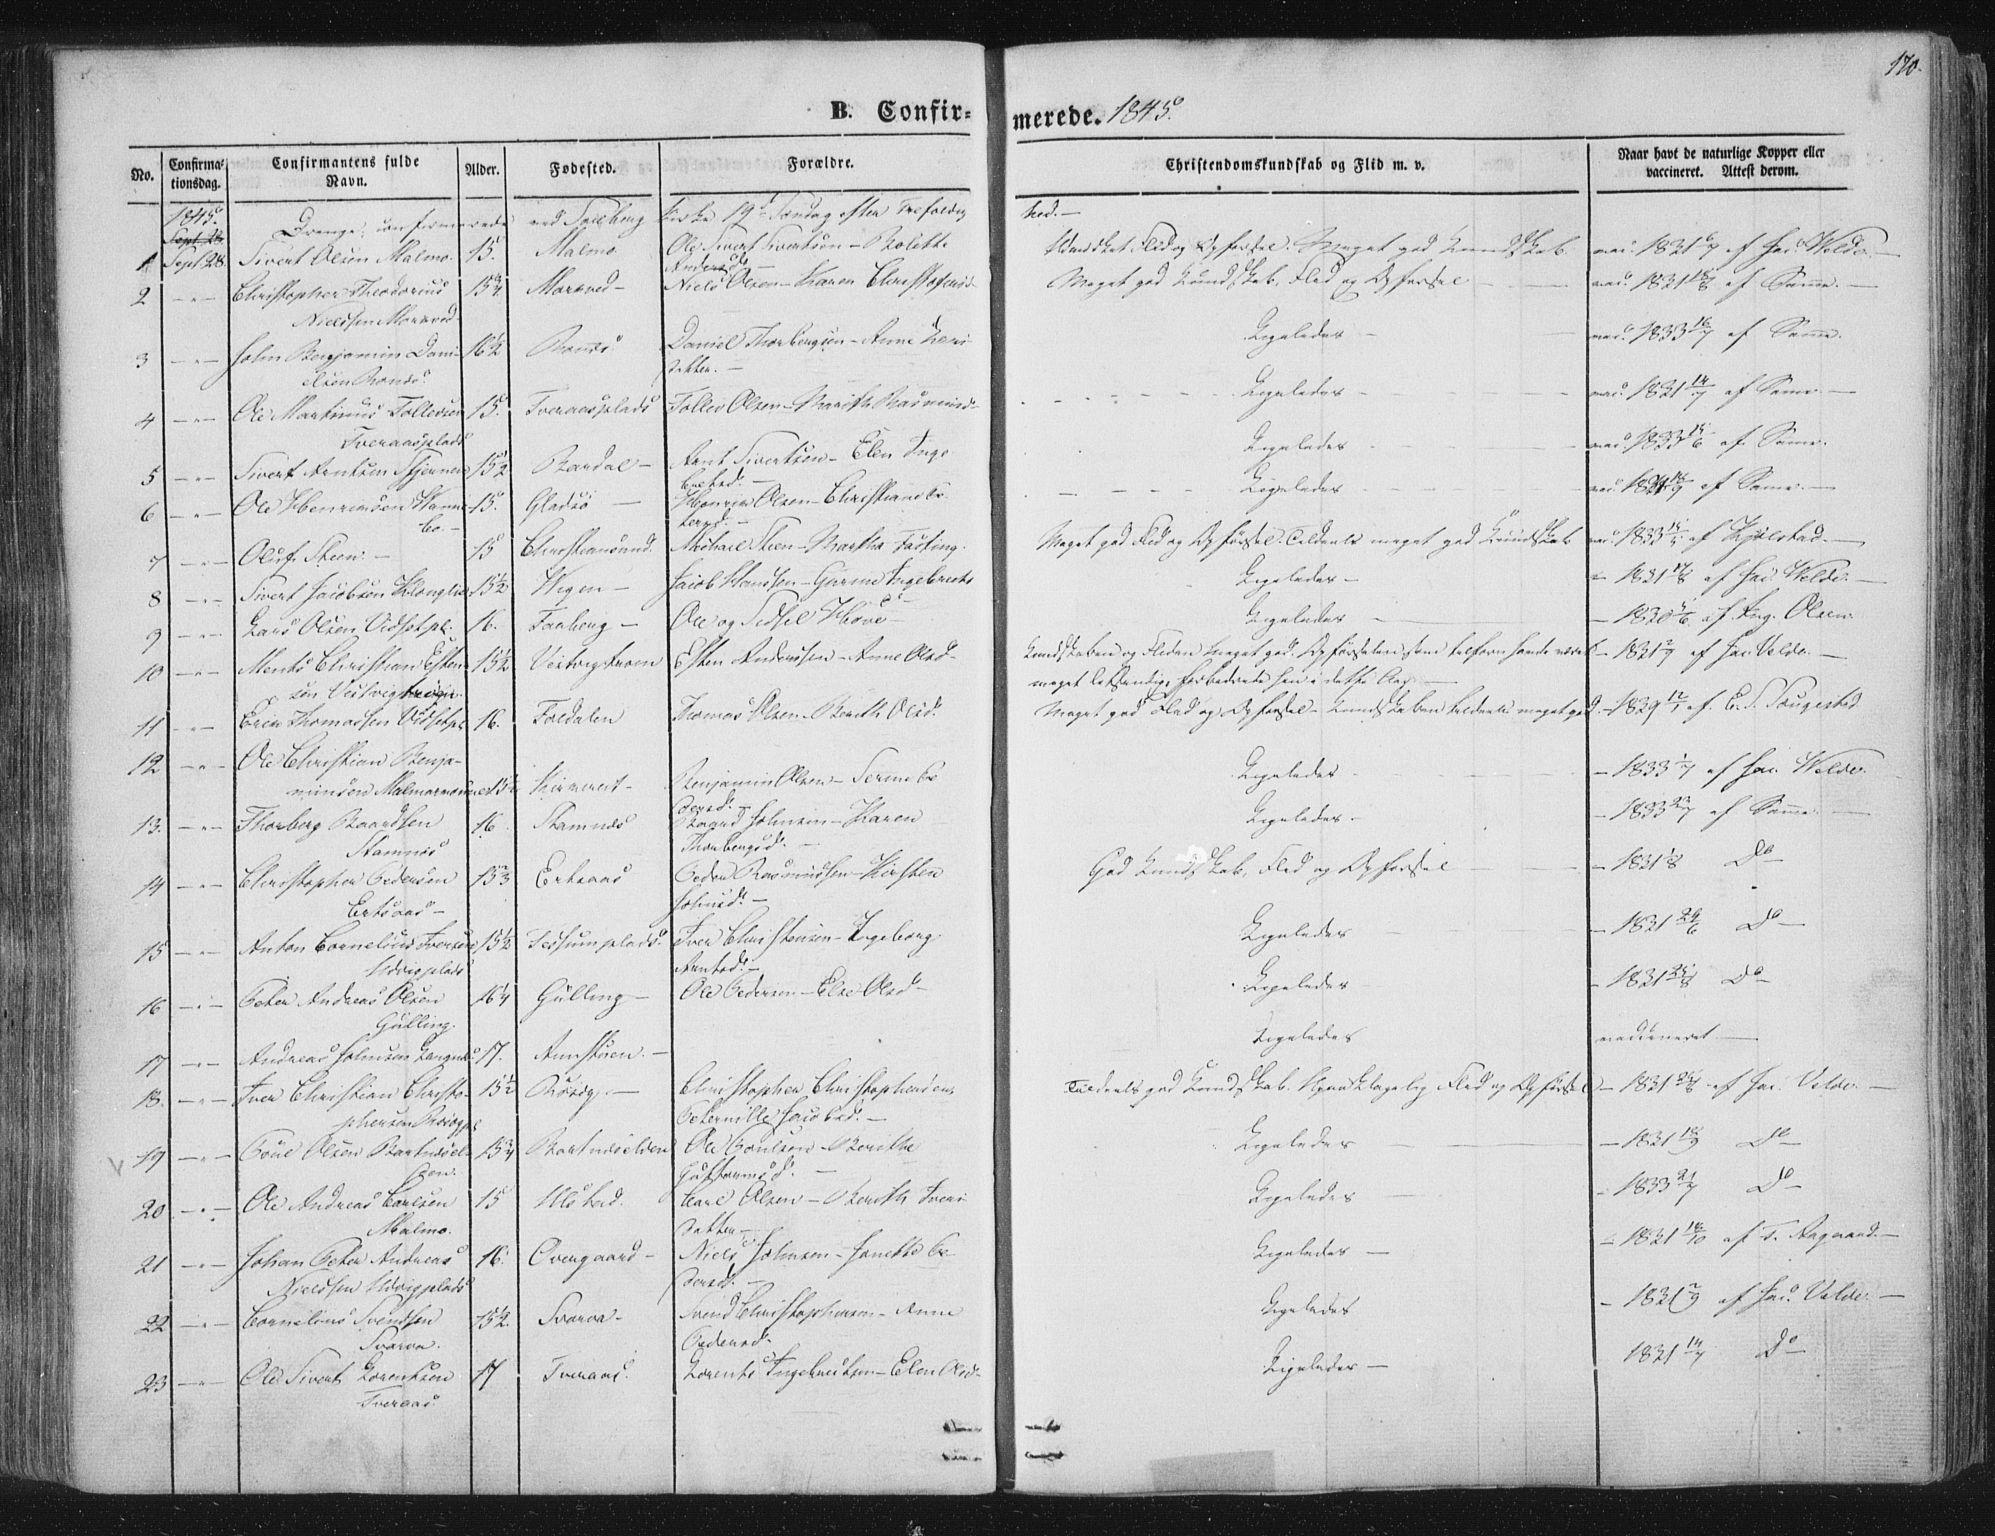 SAT, Ministerialprotokoller, klokkerbøker og fødselsregistre - Nord-Trøndelag, 741/L0392: Ministerialbok nr. 741A06, 1836-1848, s. 170